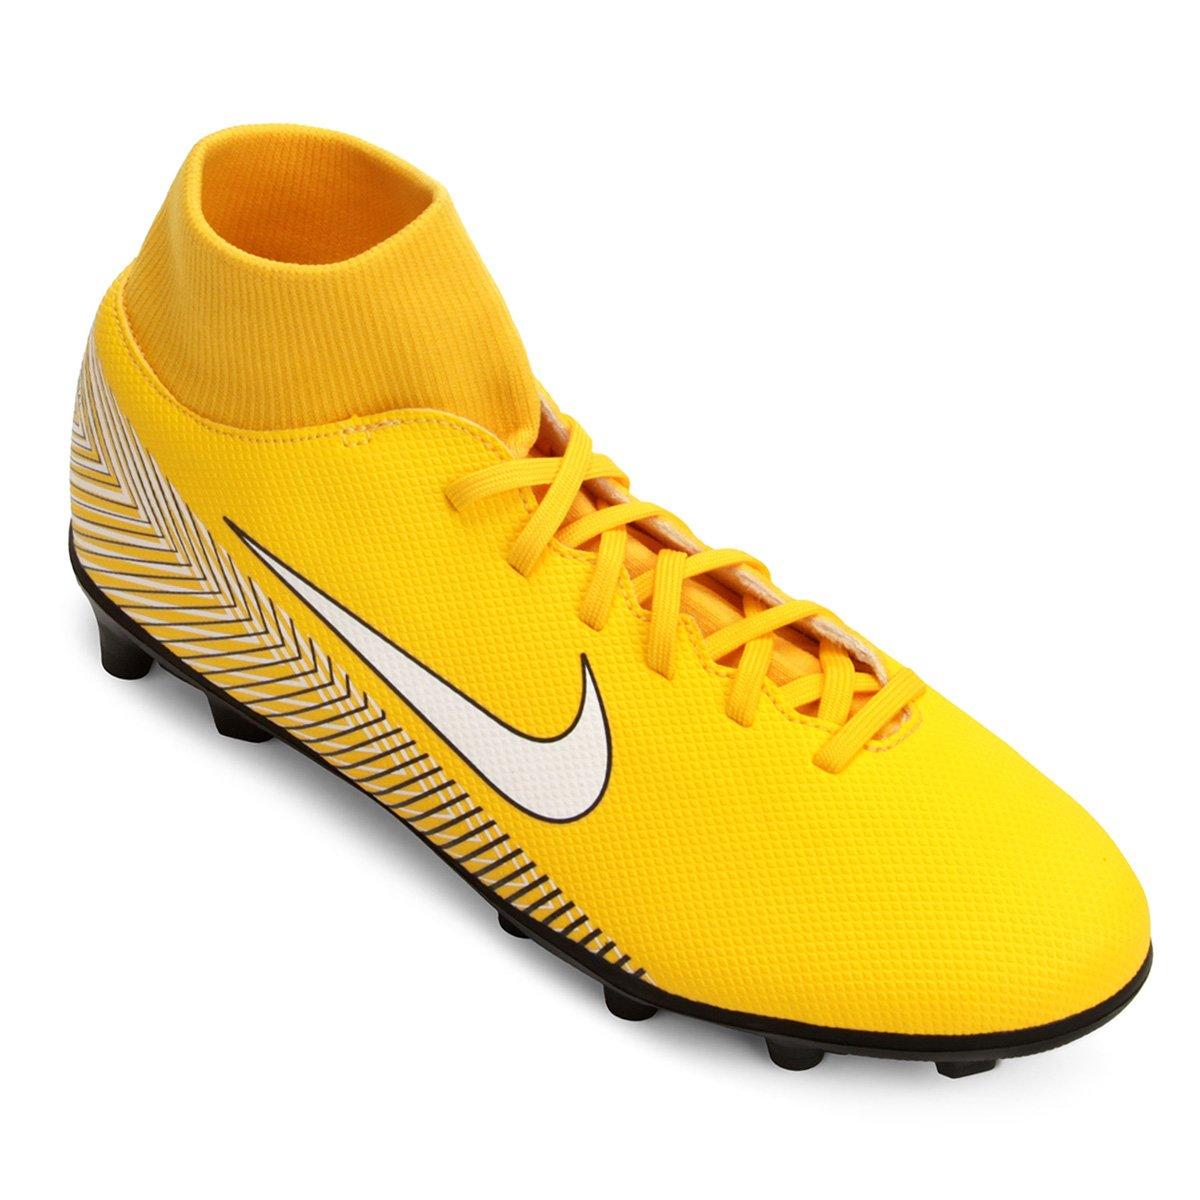 099f02f3a8807 Chuteira Campo Nike Mercurial Superfly 6 Club Neymar FG - Amarelo e Preto -  Compre Agora